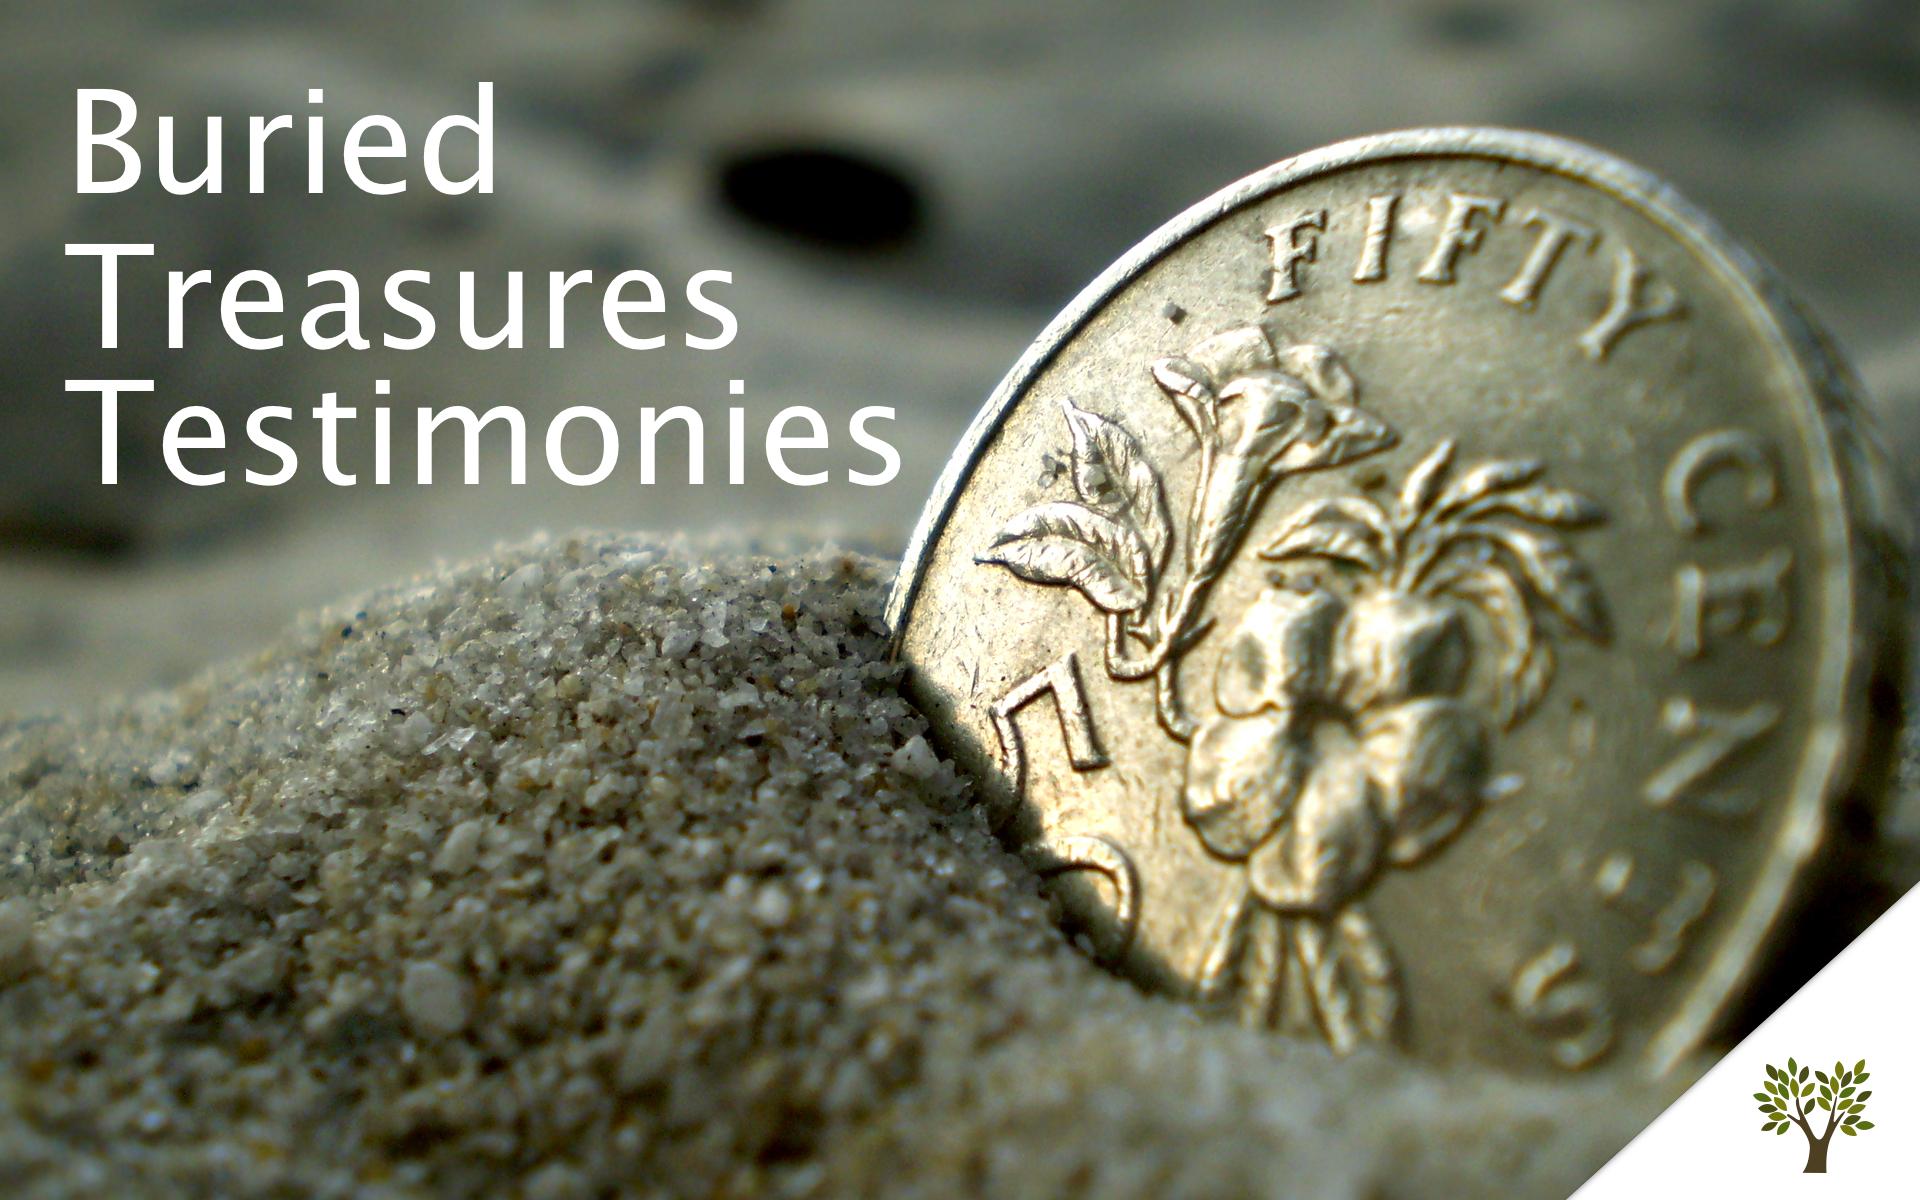 Buried Treasures Testimonies